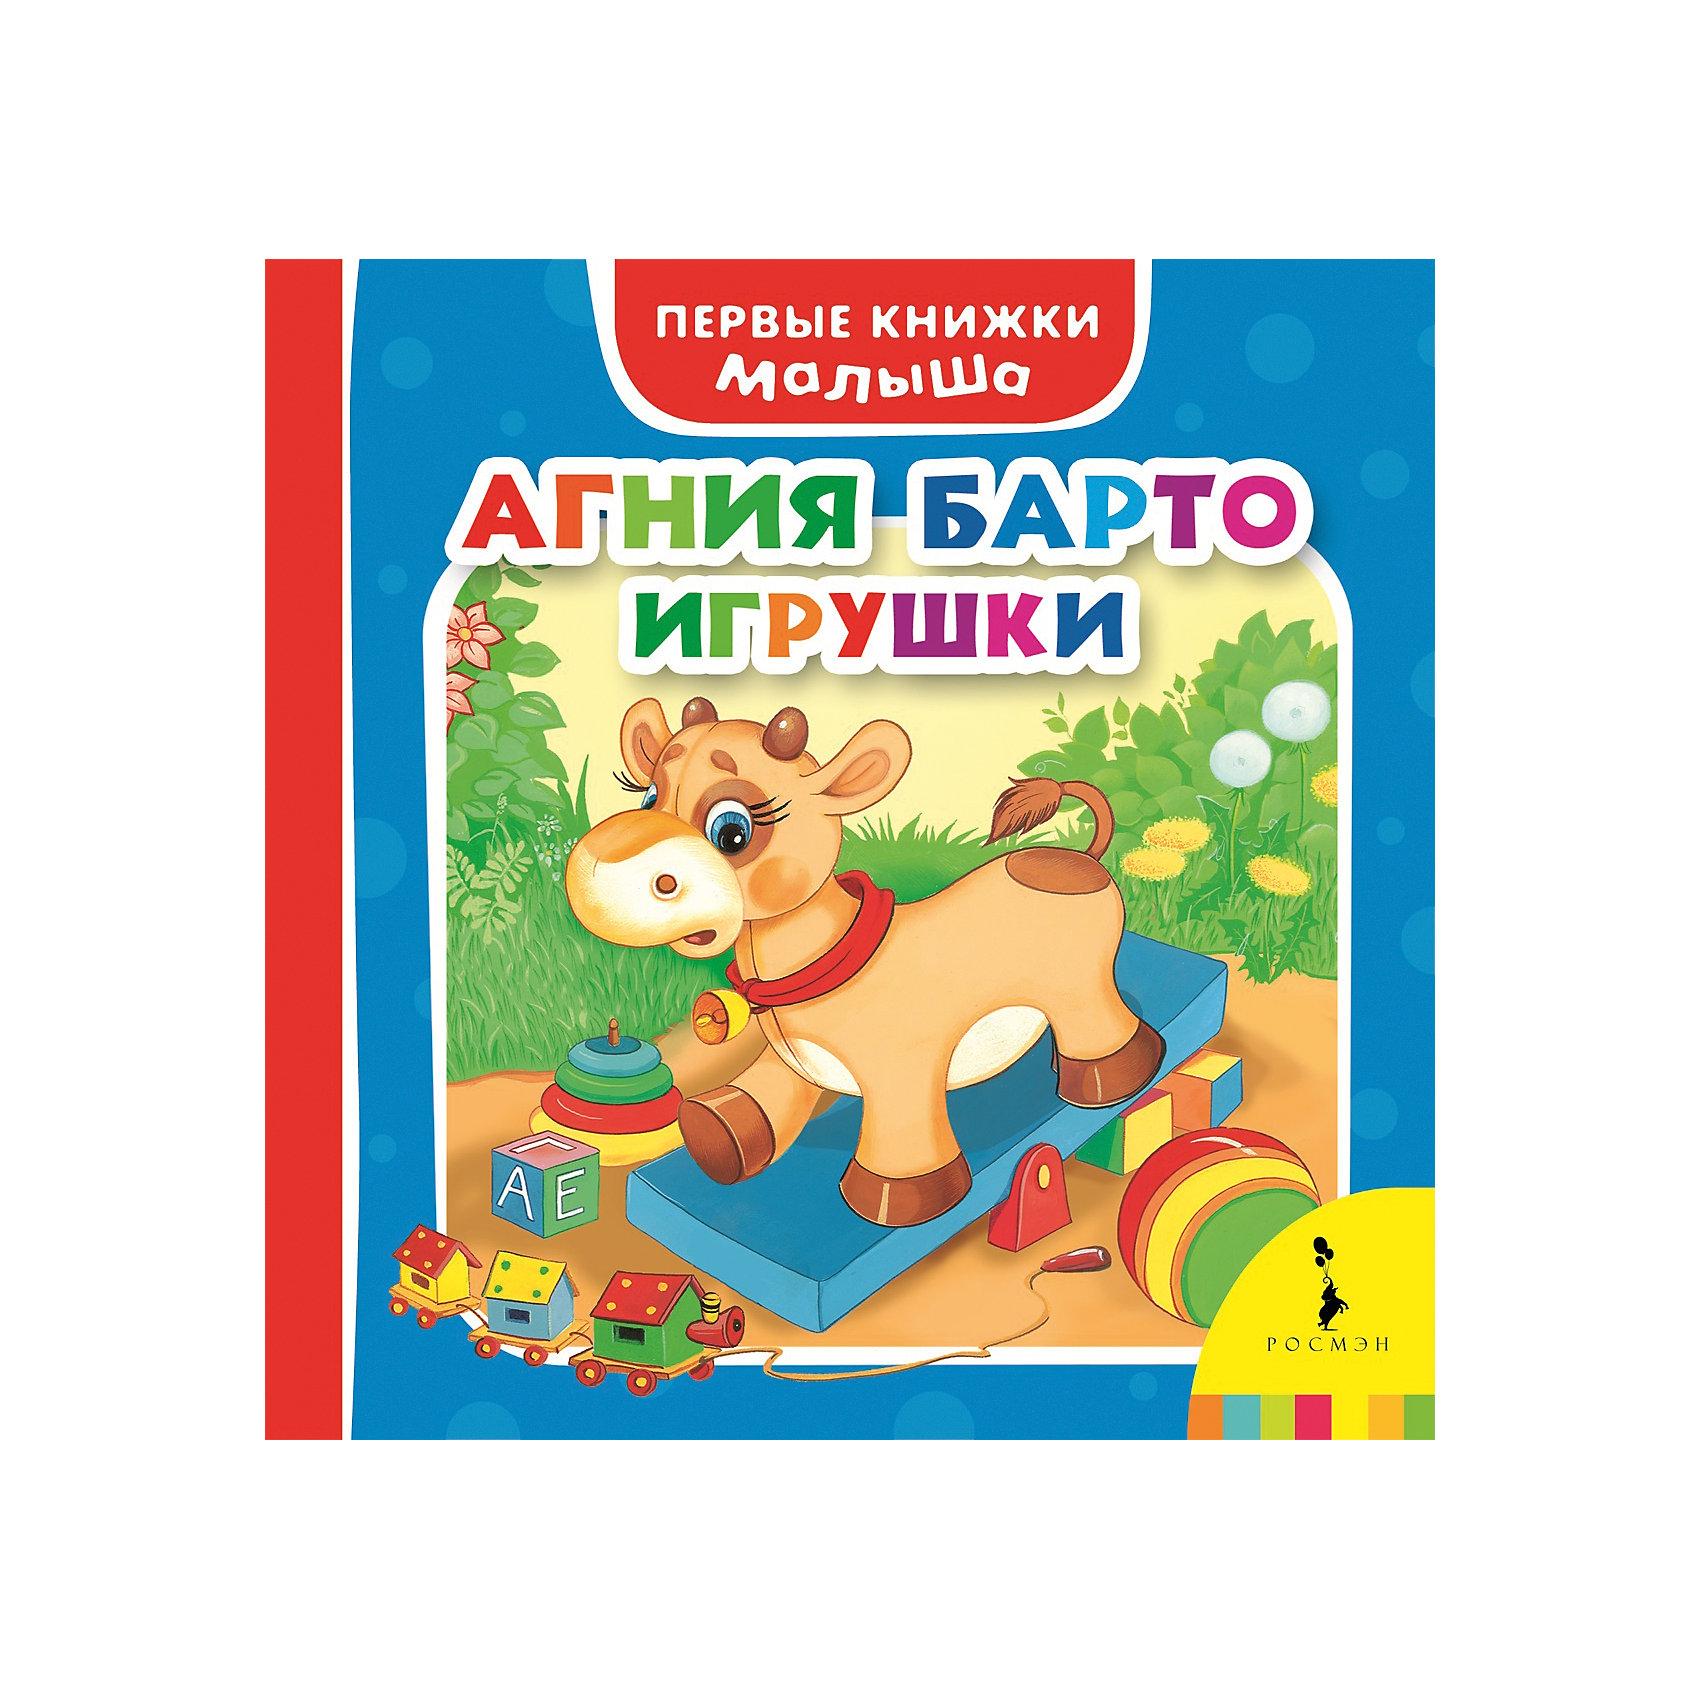 Игрушки, А. Барто, серия